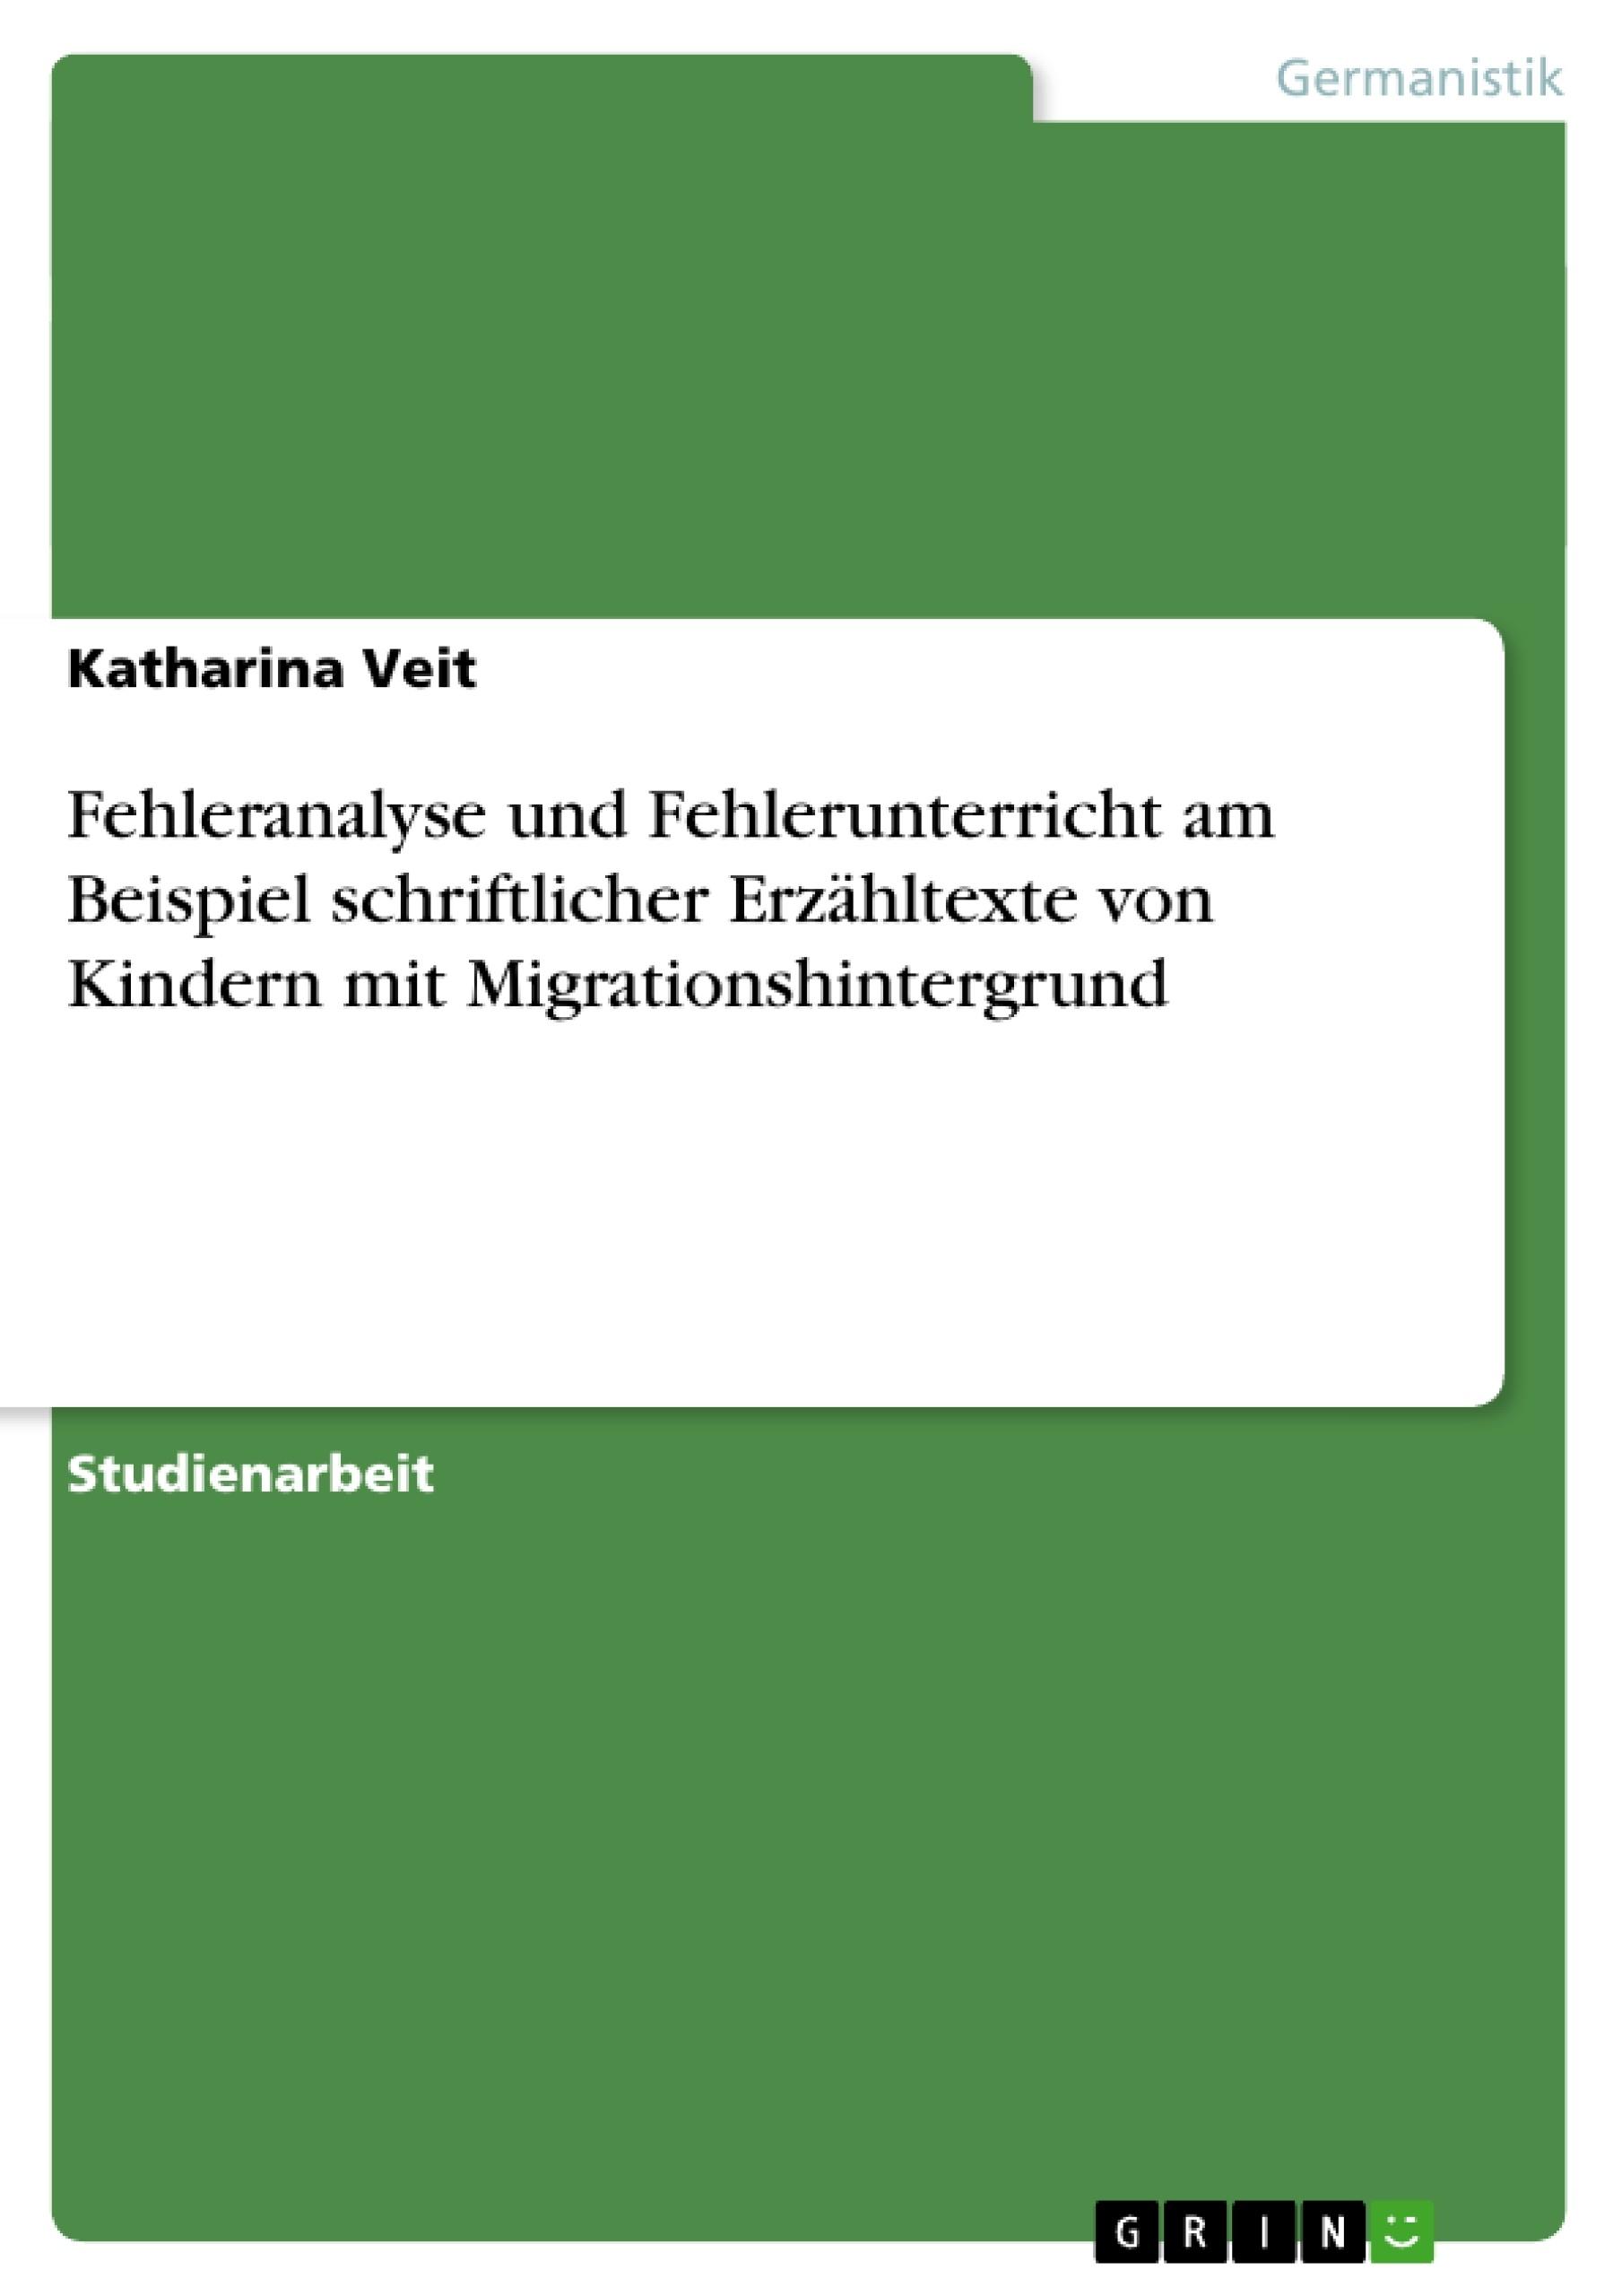 Titel: Fehleranalyse und Fehlerunterricht am Beispiel schriftlicher Erzähltexte von Kindern mit Migrationshintergrund